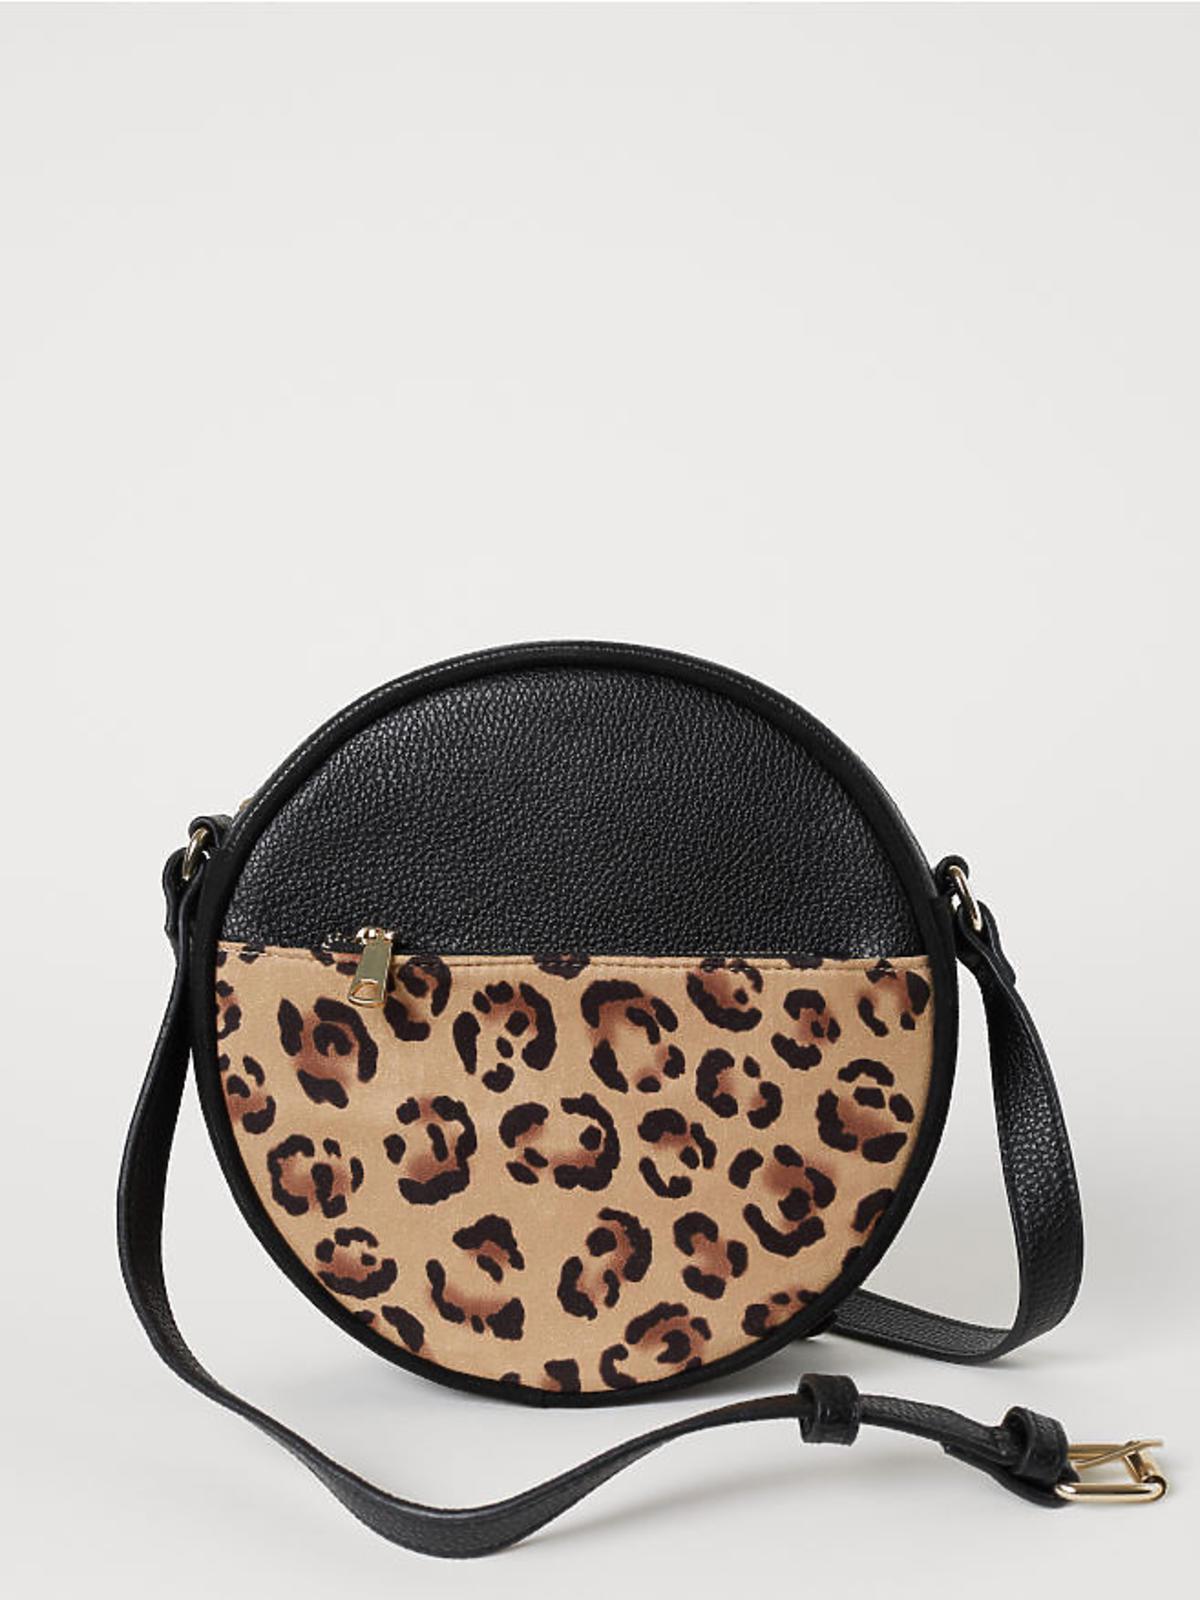 Mała torebka na ramię H&M cena 59,90 zł